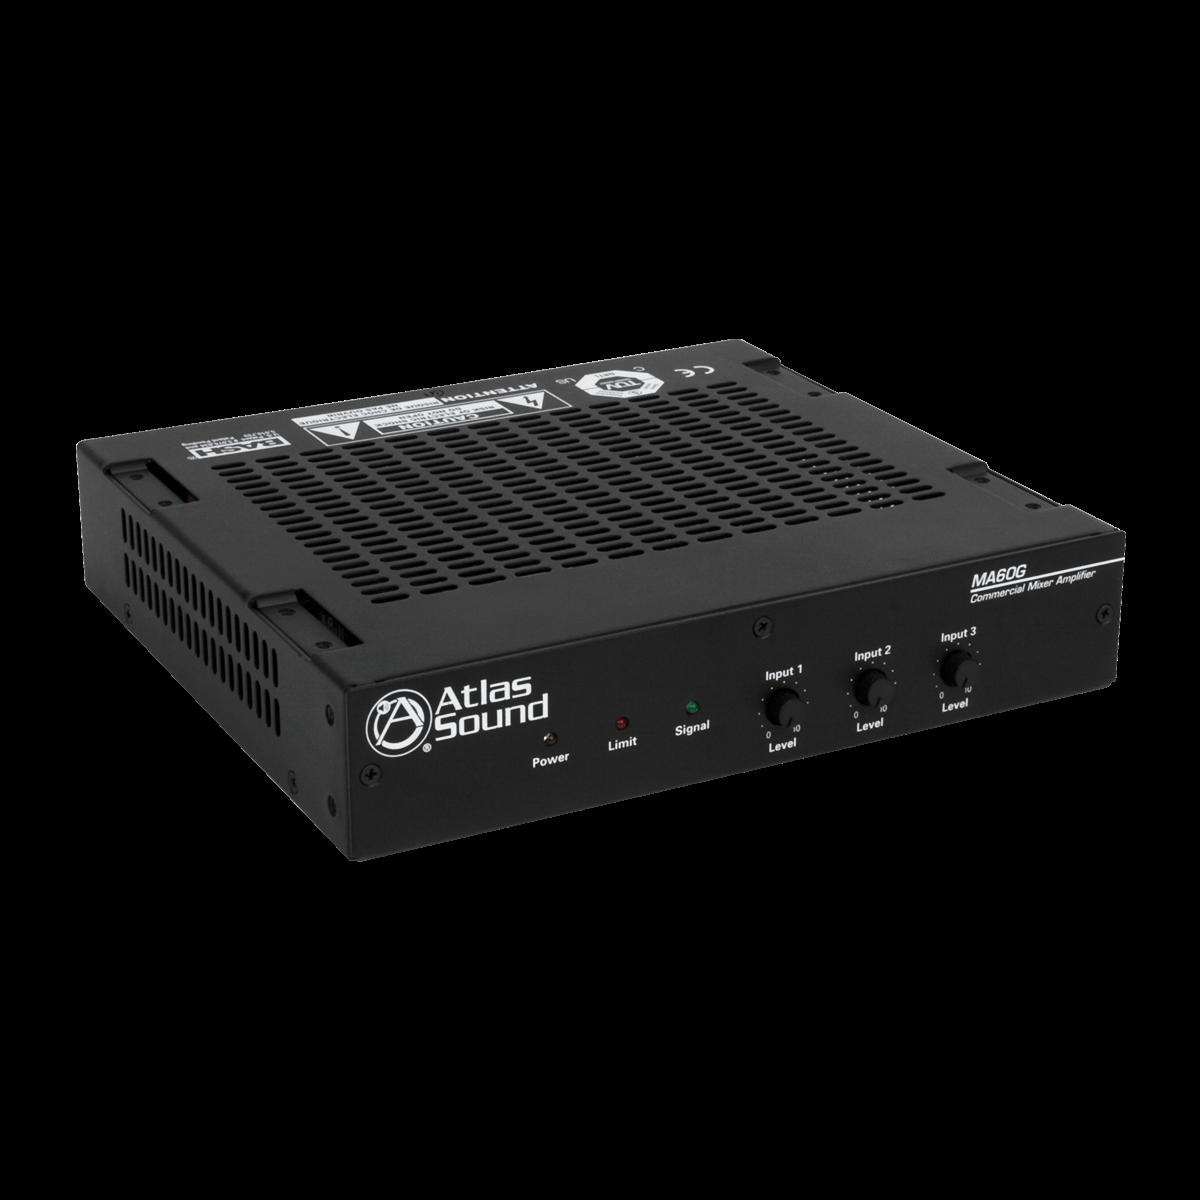 3 Input 60 Watt 70v 100v Mixer Amplifier With Global Power